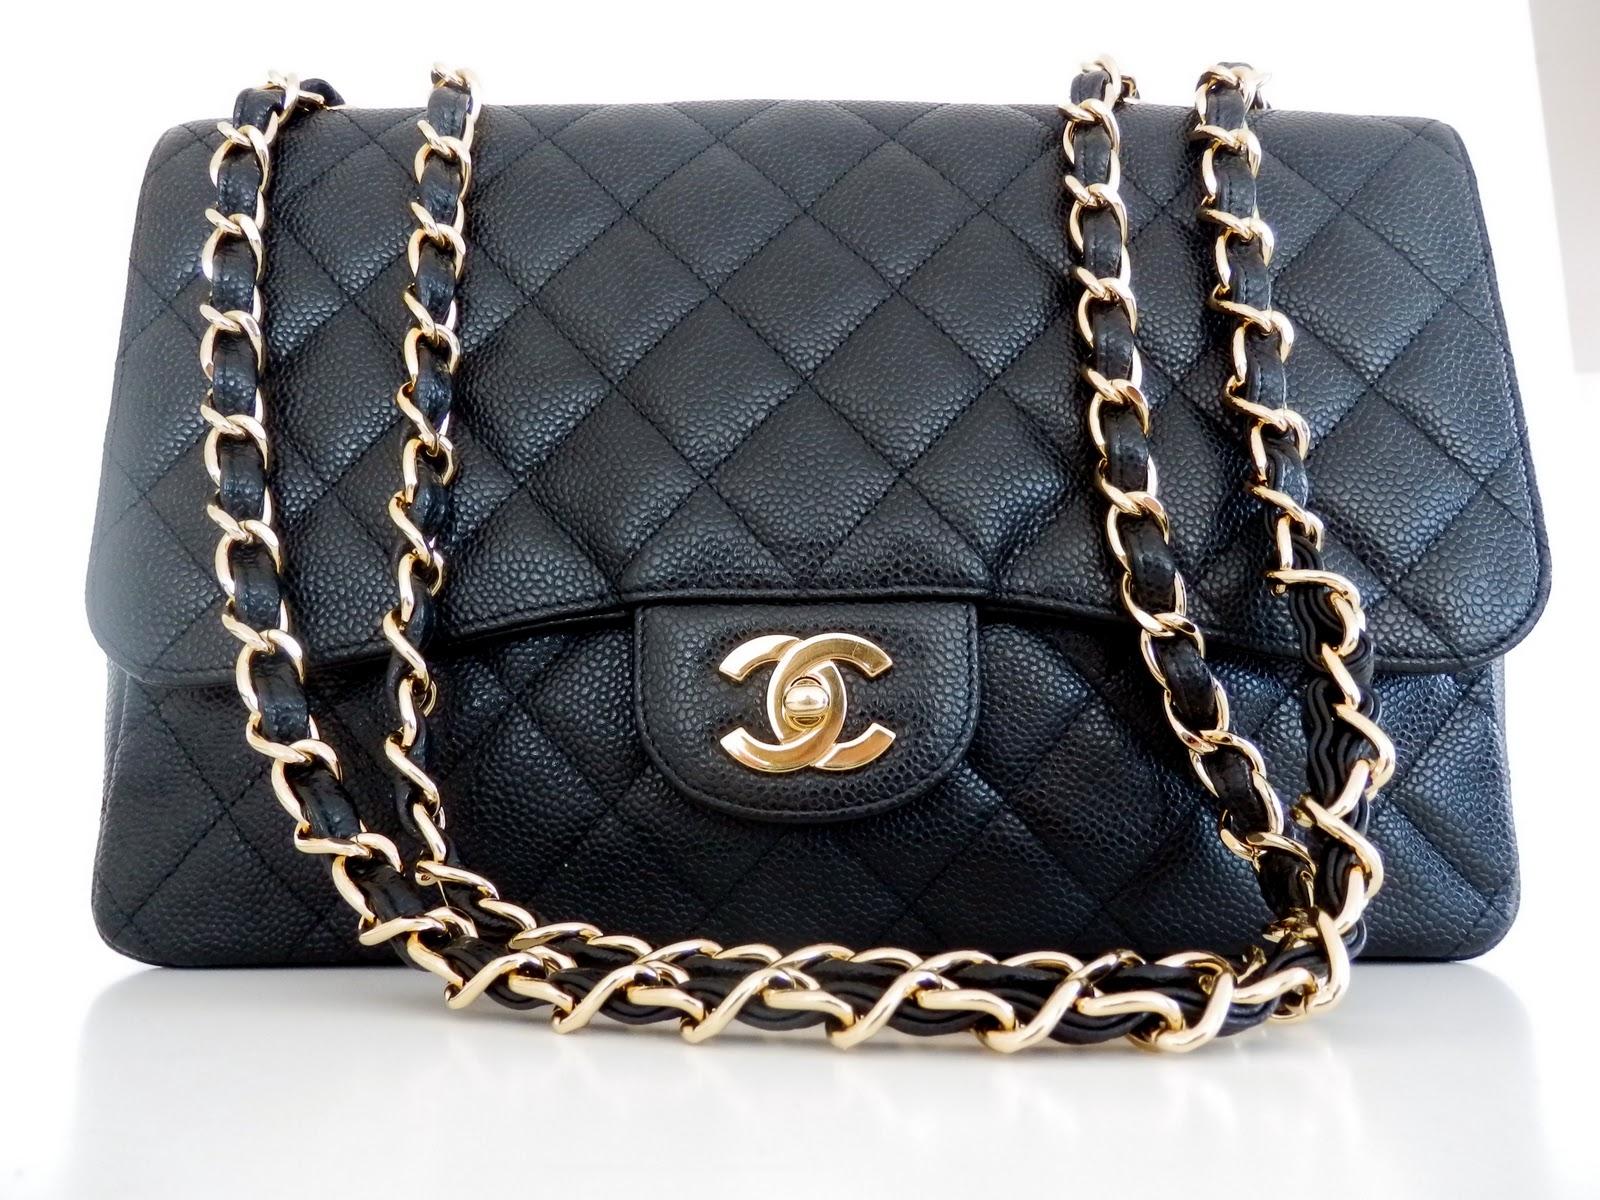 Chanel 2.55 autokabelky d96d0bb2f9d